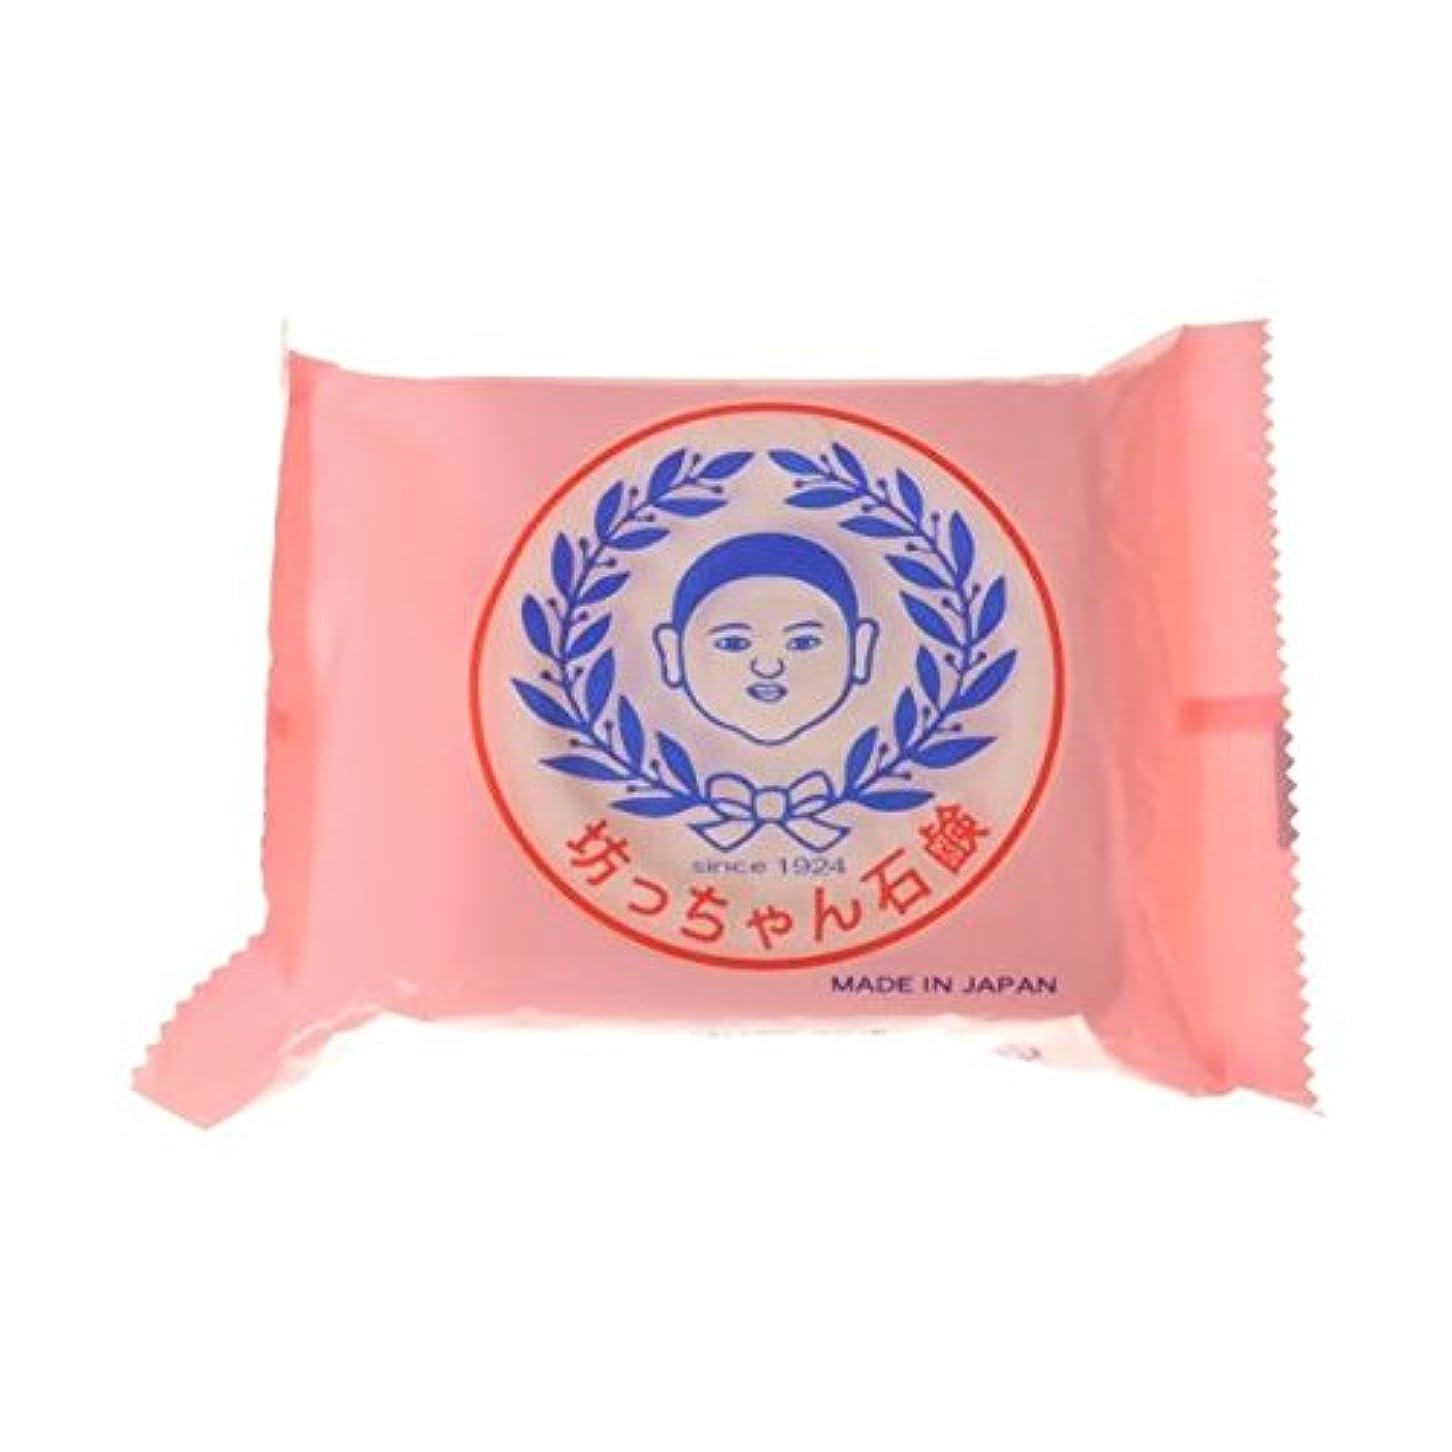 クリックステンレス責め【まとめ買い】坊っちゃん石鹸 釜出し一番 175g ×3個